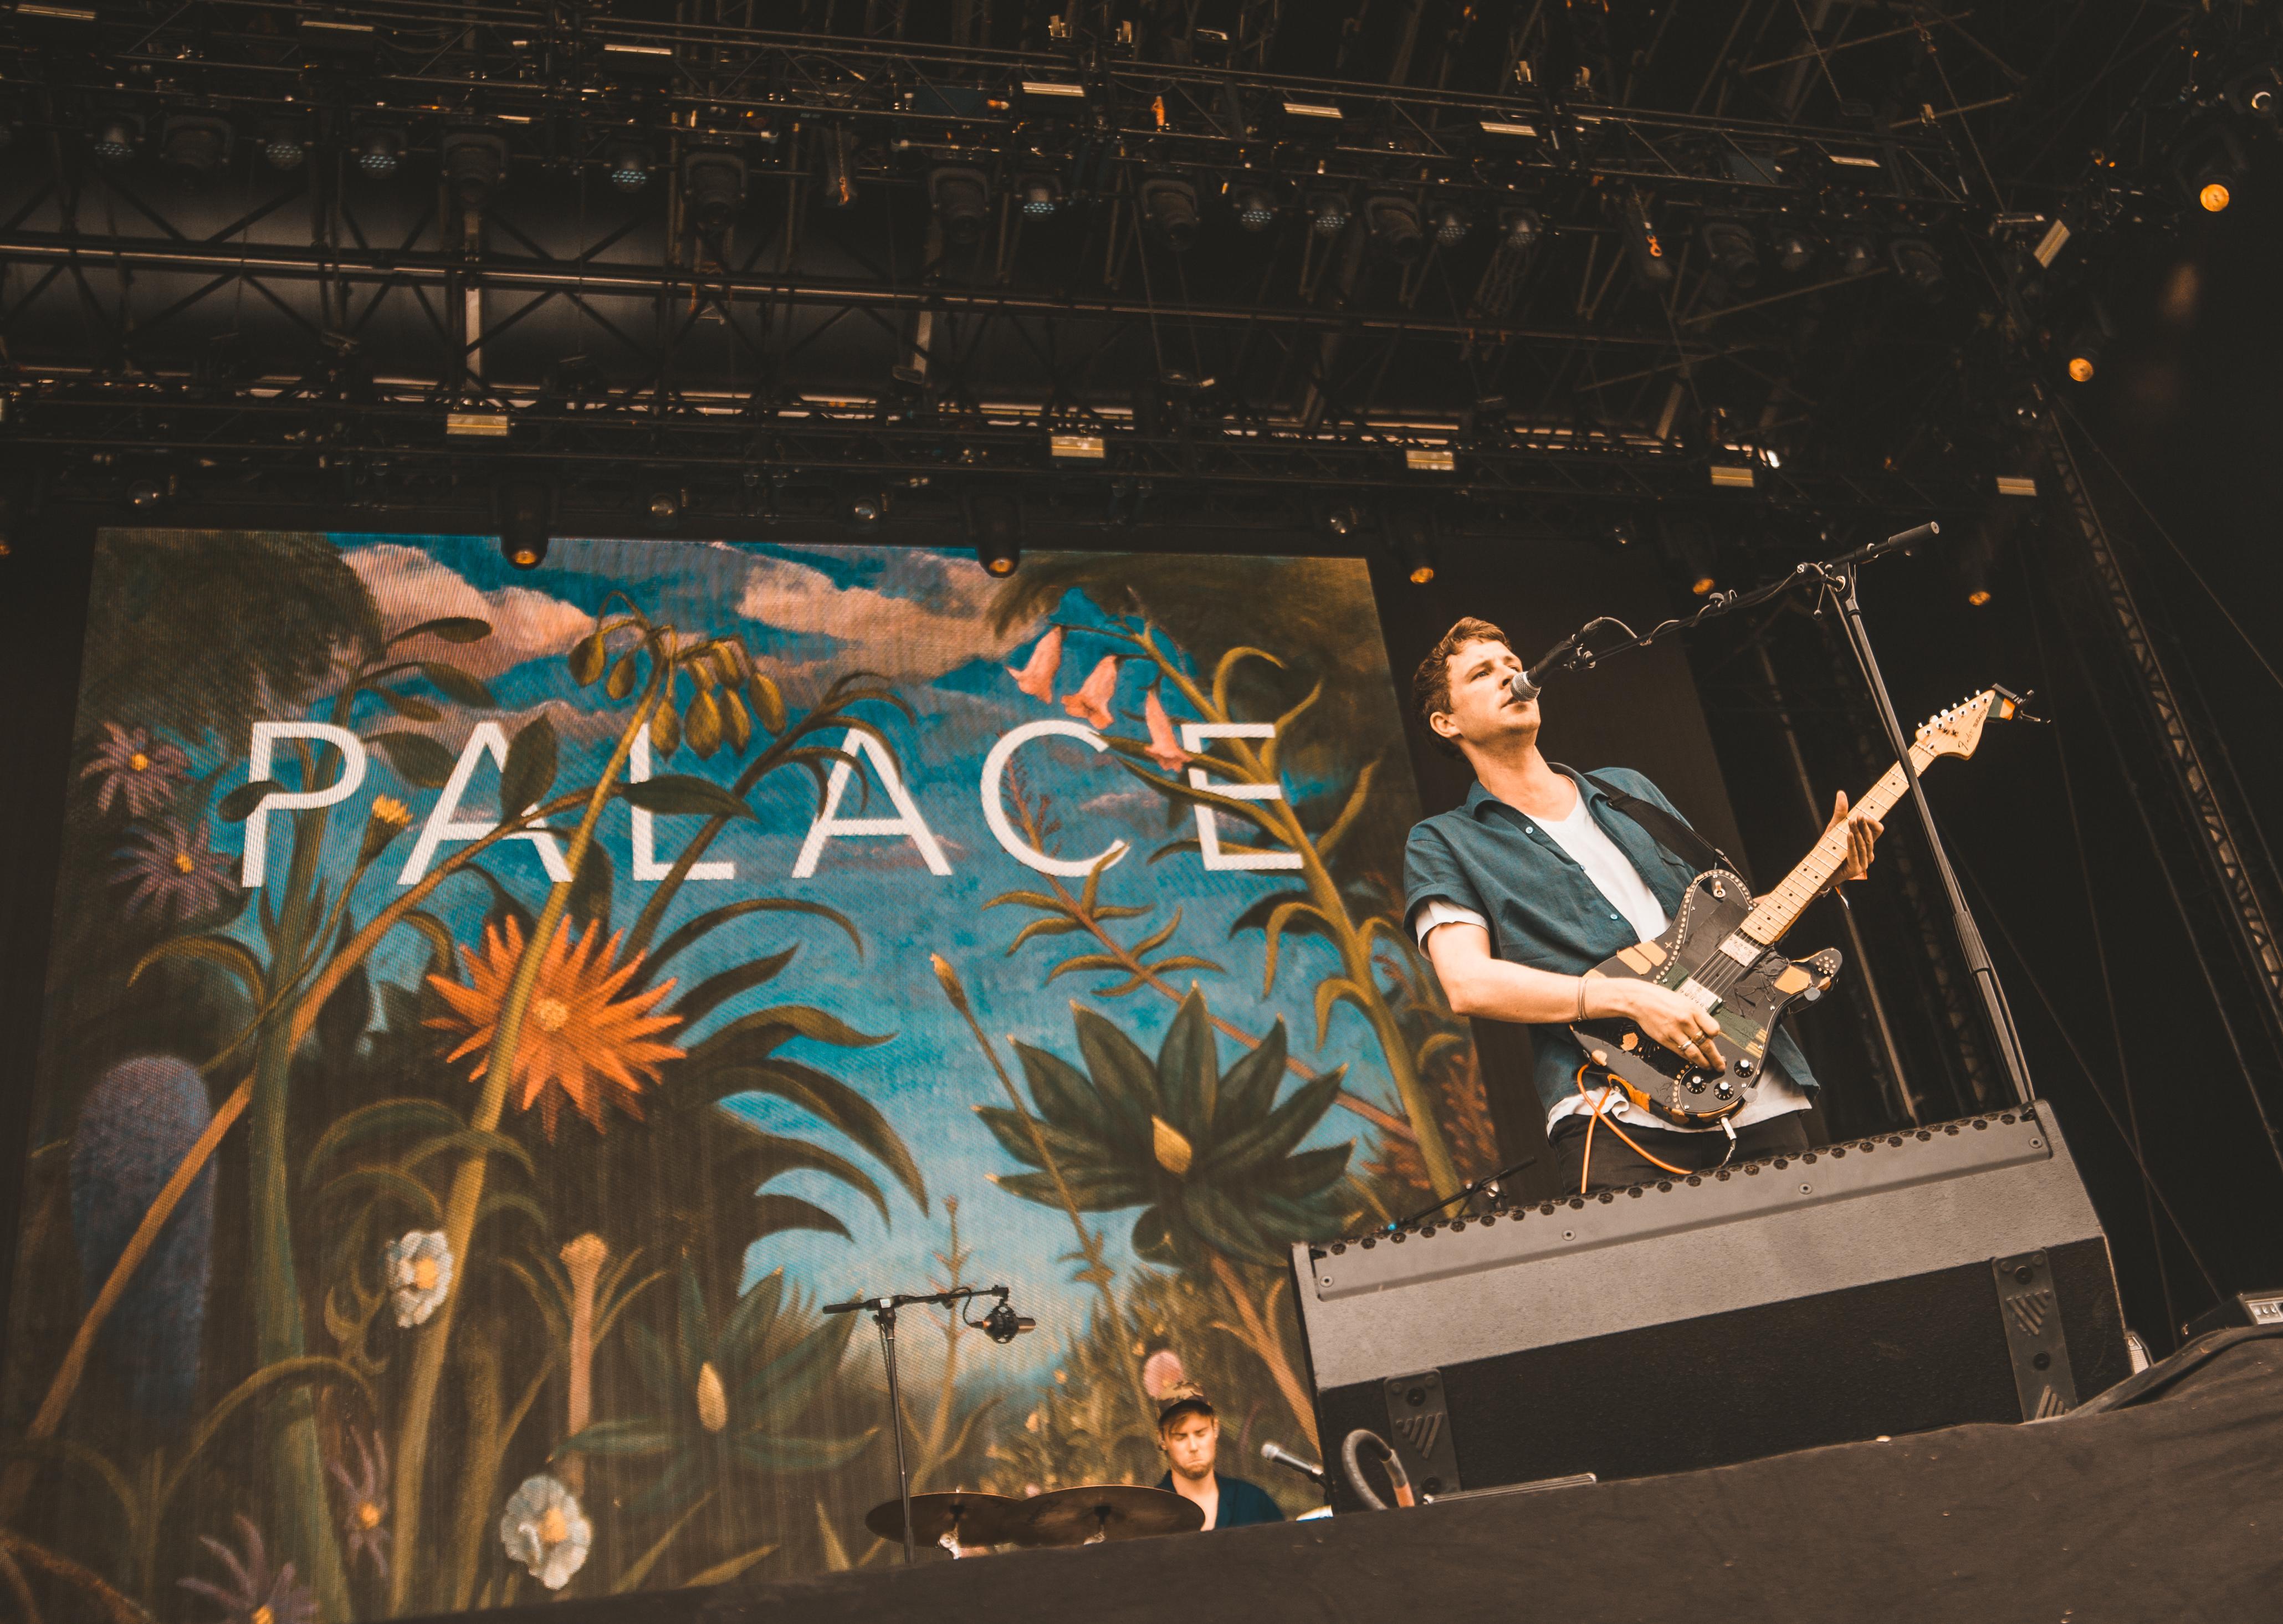 Palace. (c) Jack Parker